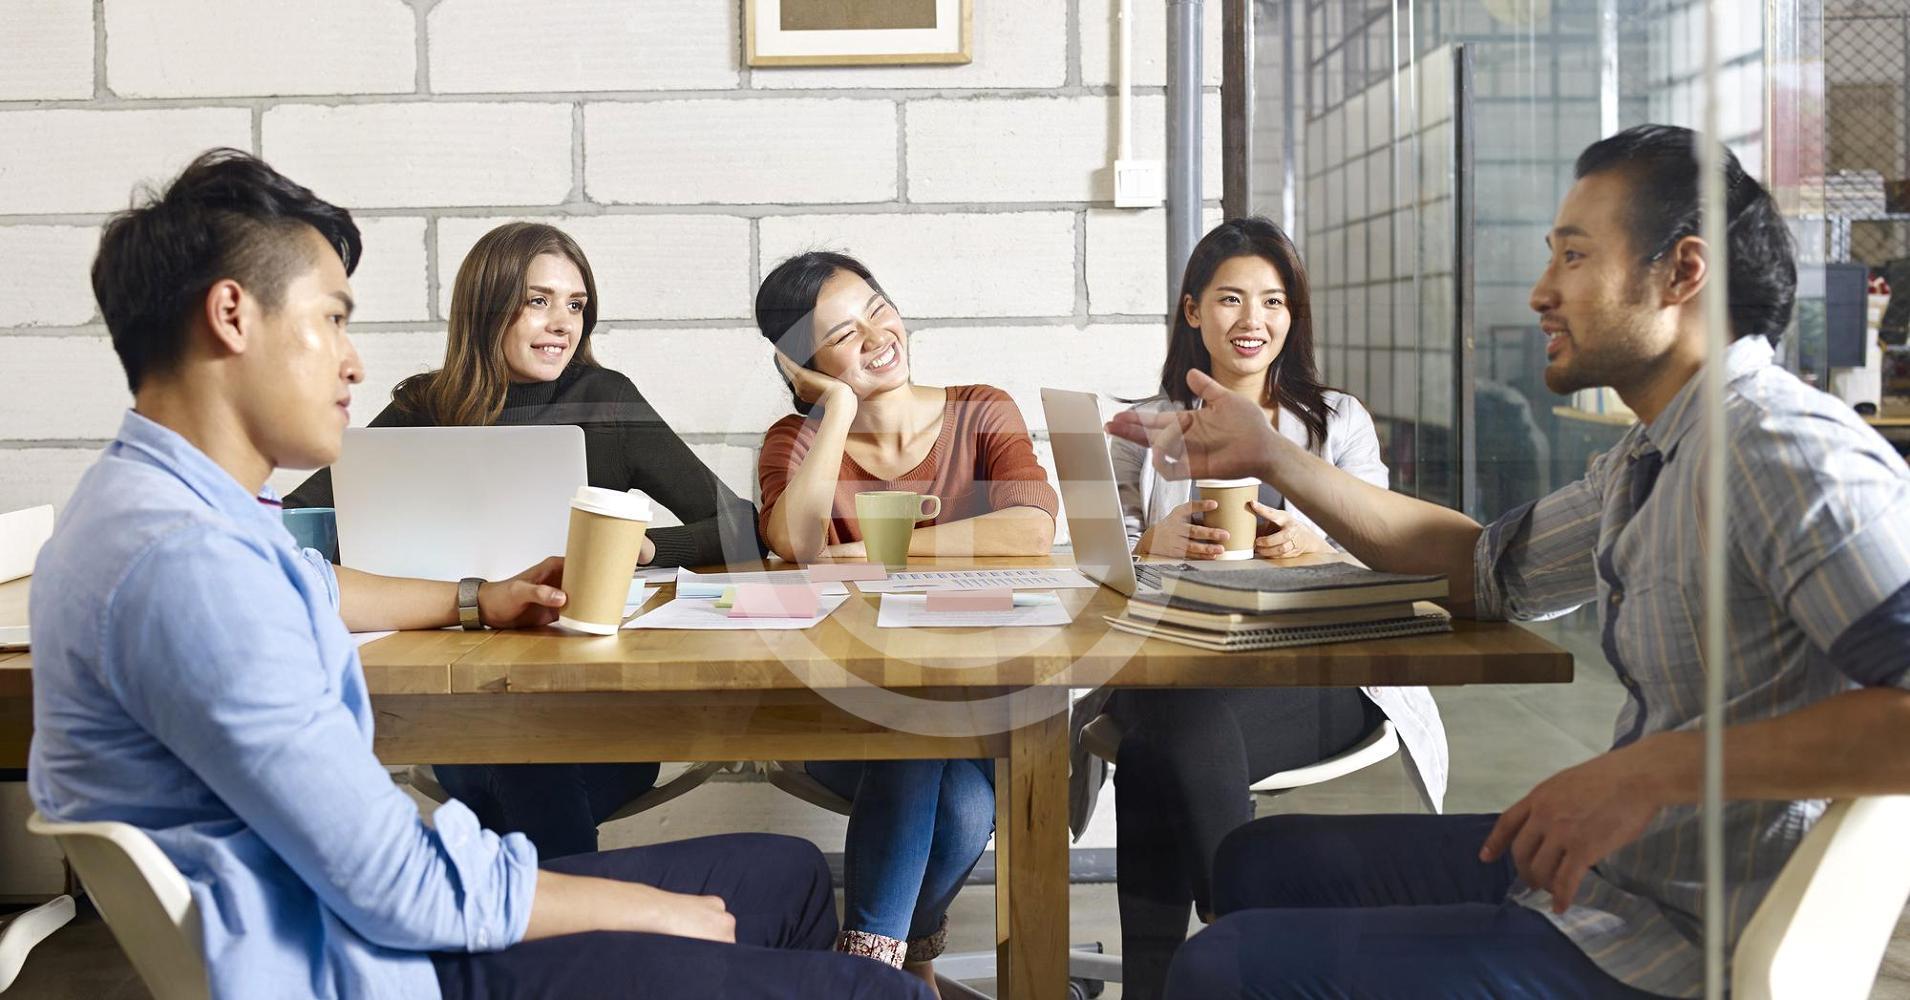 华裔成为美国亚裔最大族群 人口超500万